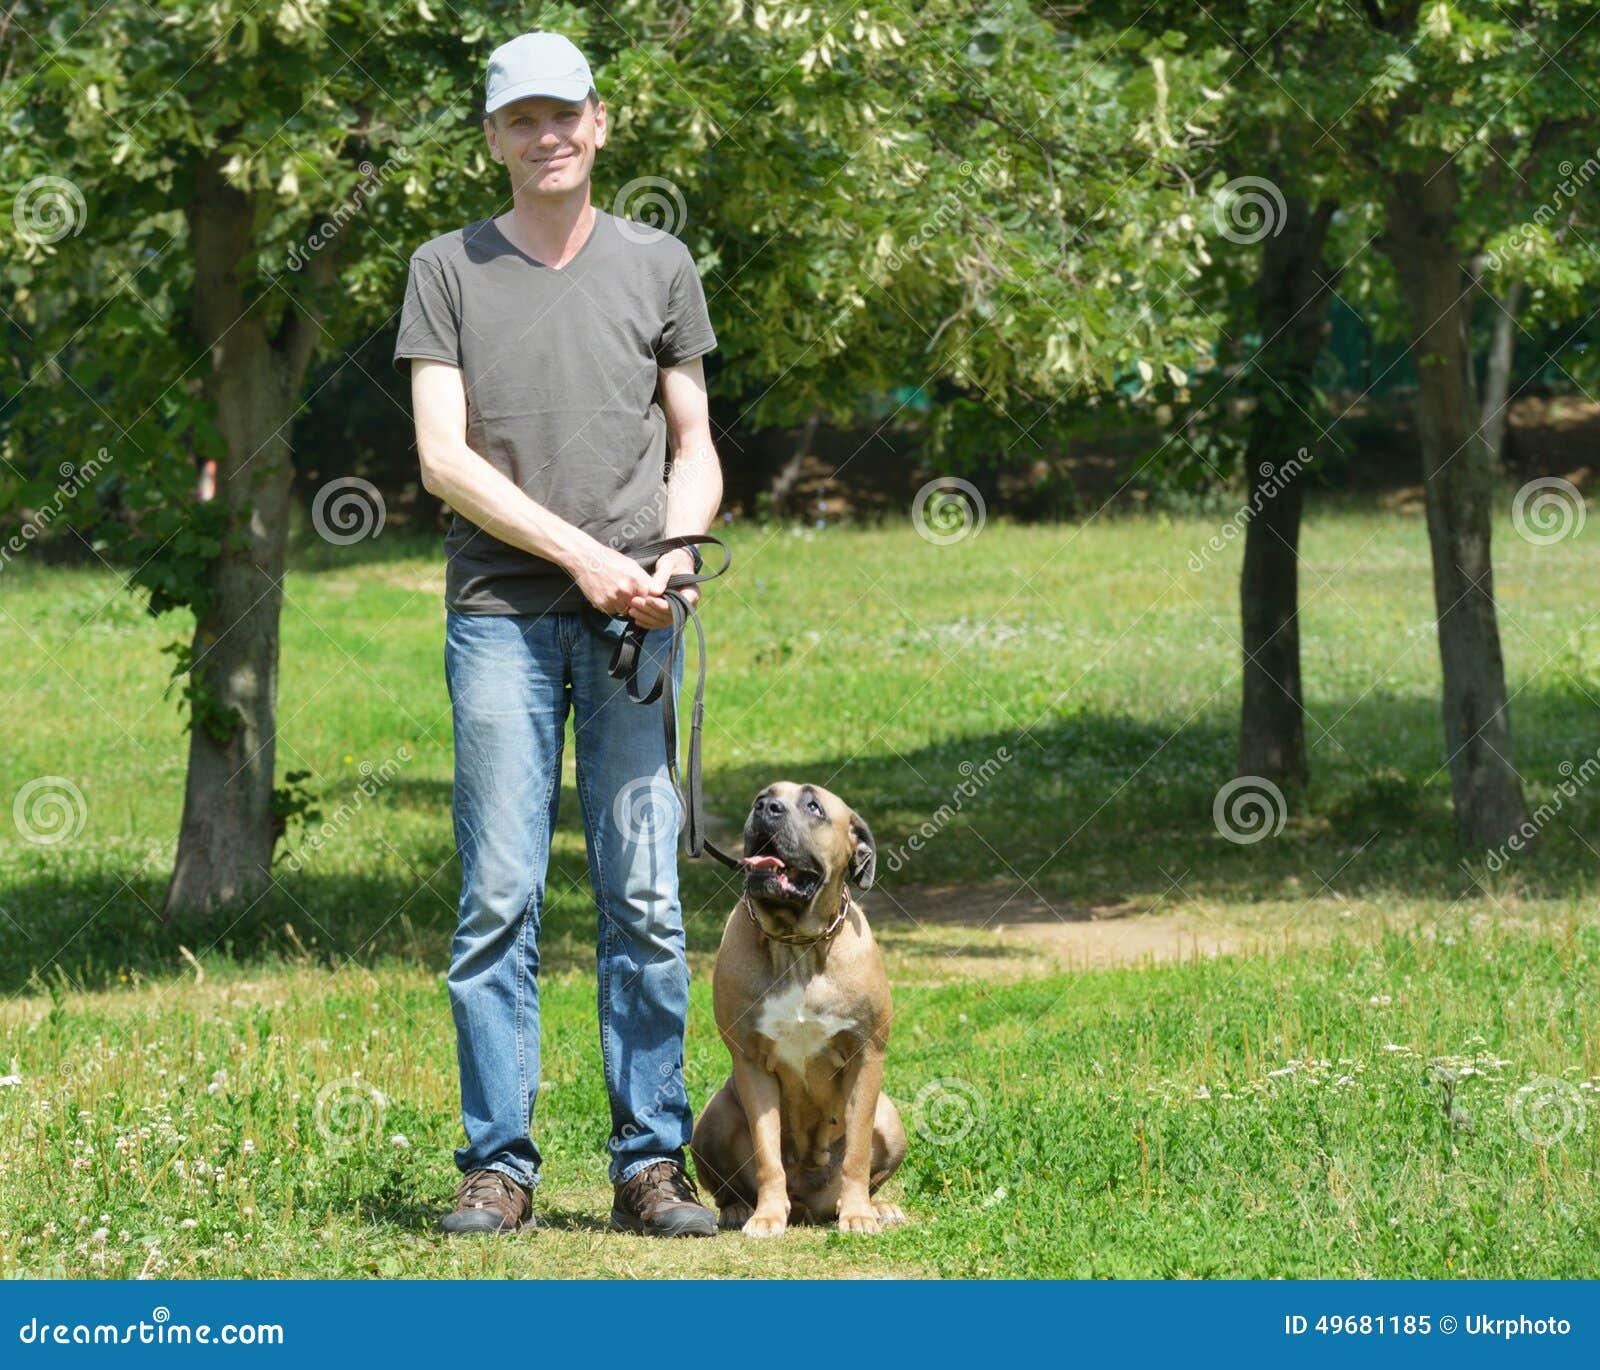 Man Walking Dog : Man walking with his dog stock photo image